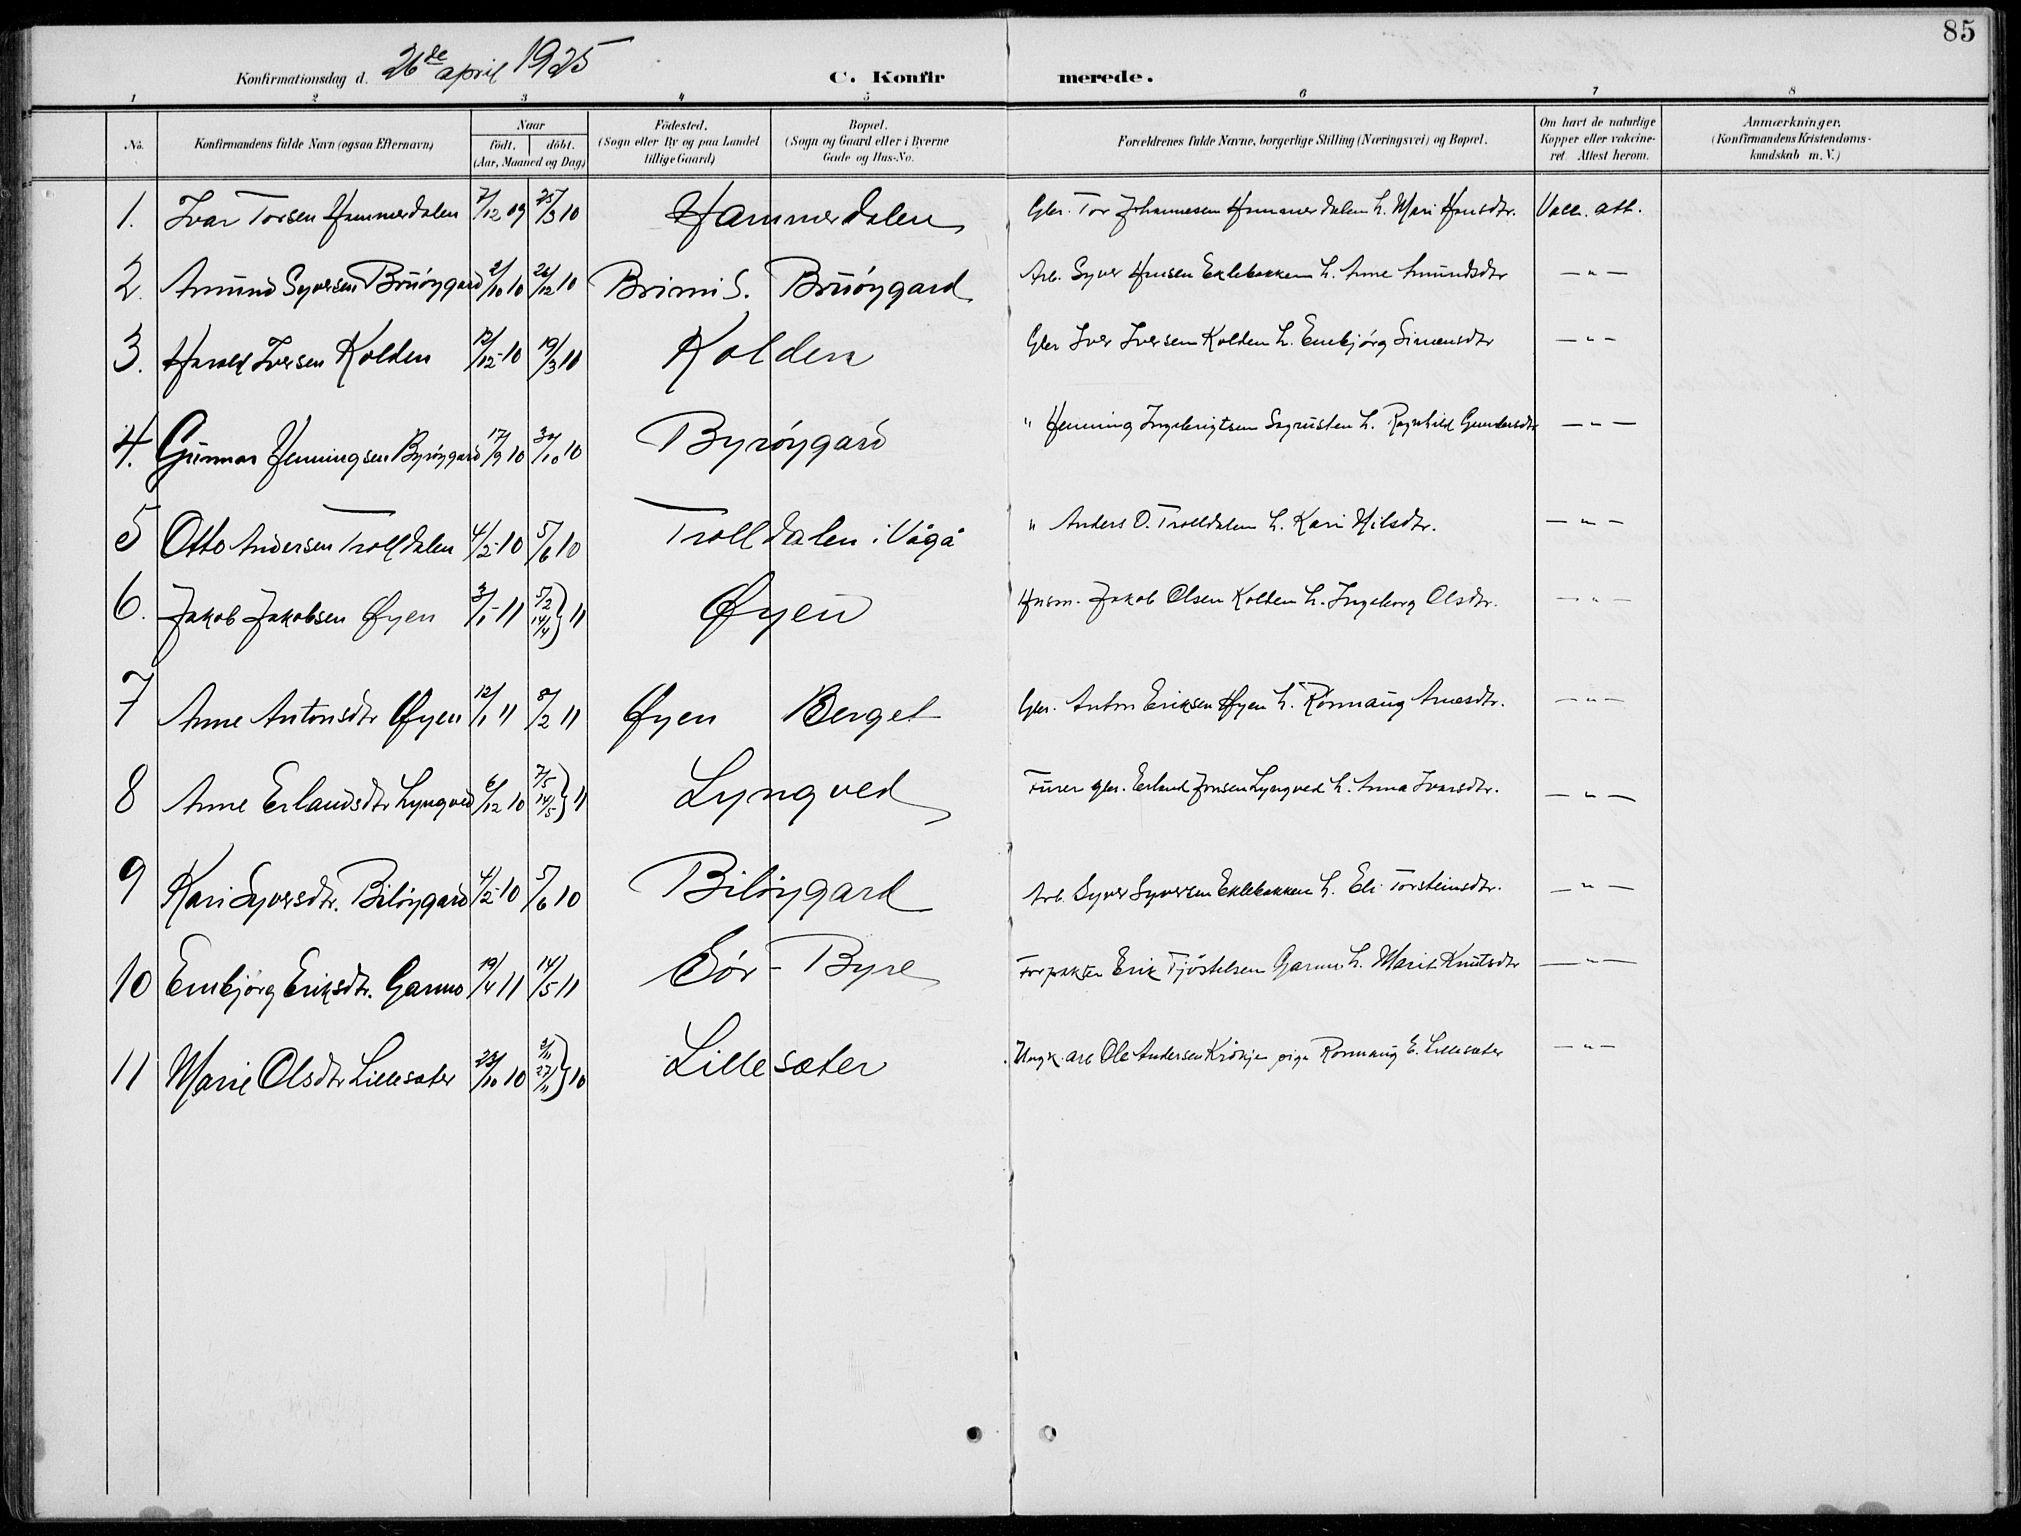 SAH, Lom prestekontor, L/L0006: Klokkerbok nr. 6, 1901-1939, s. 85